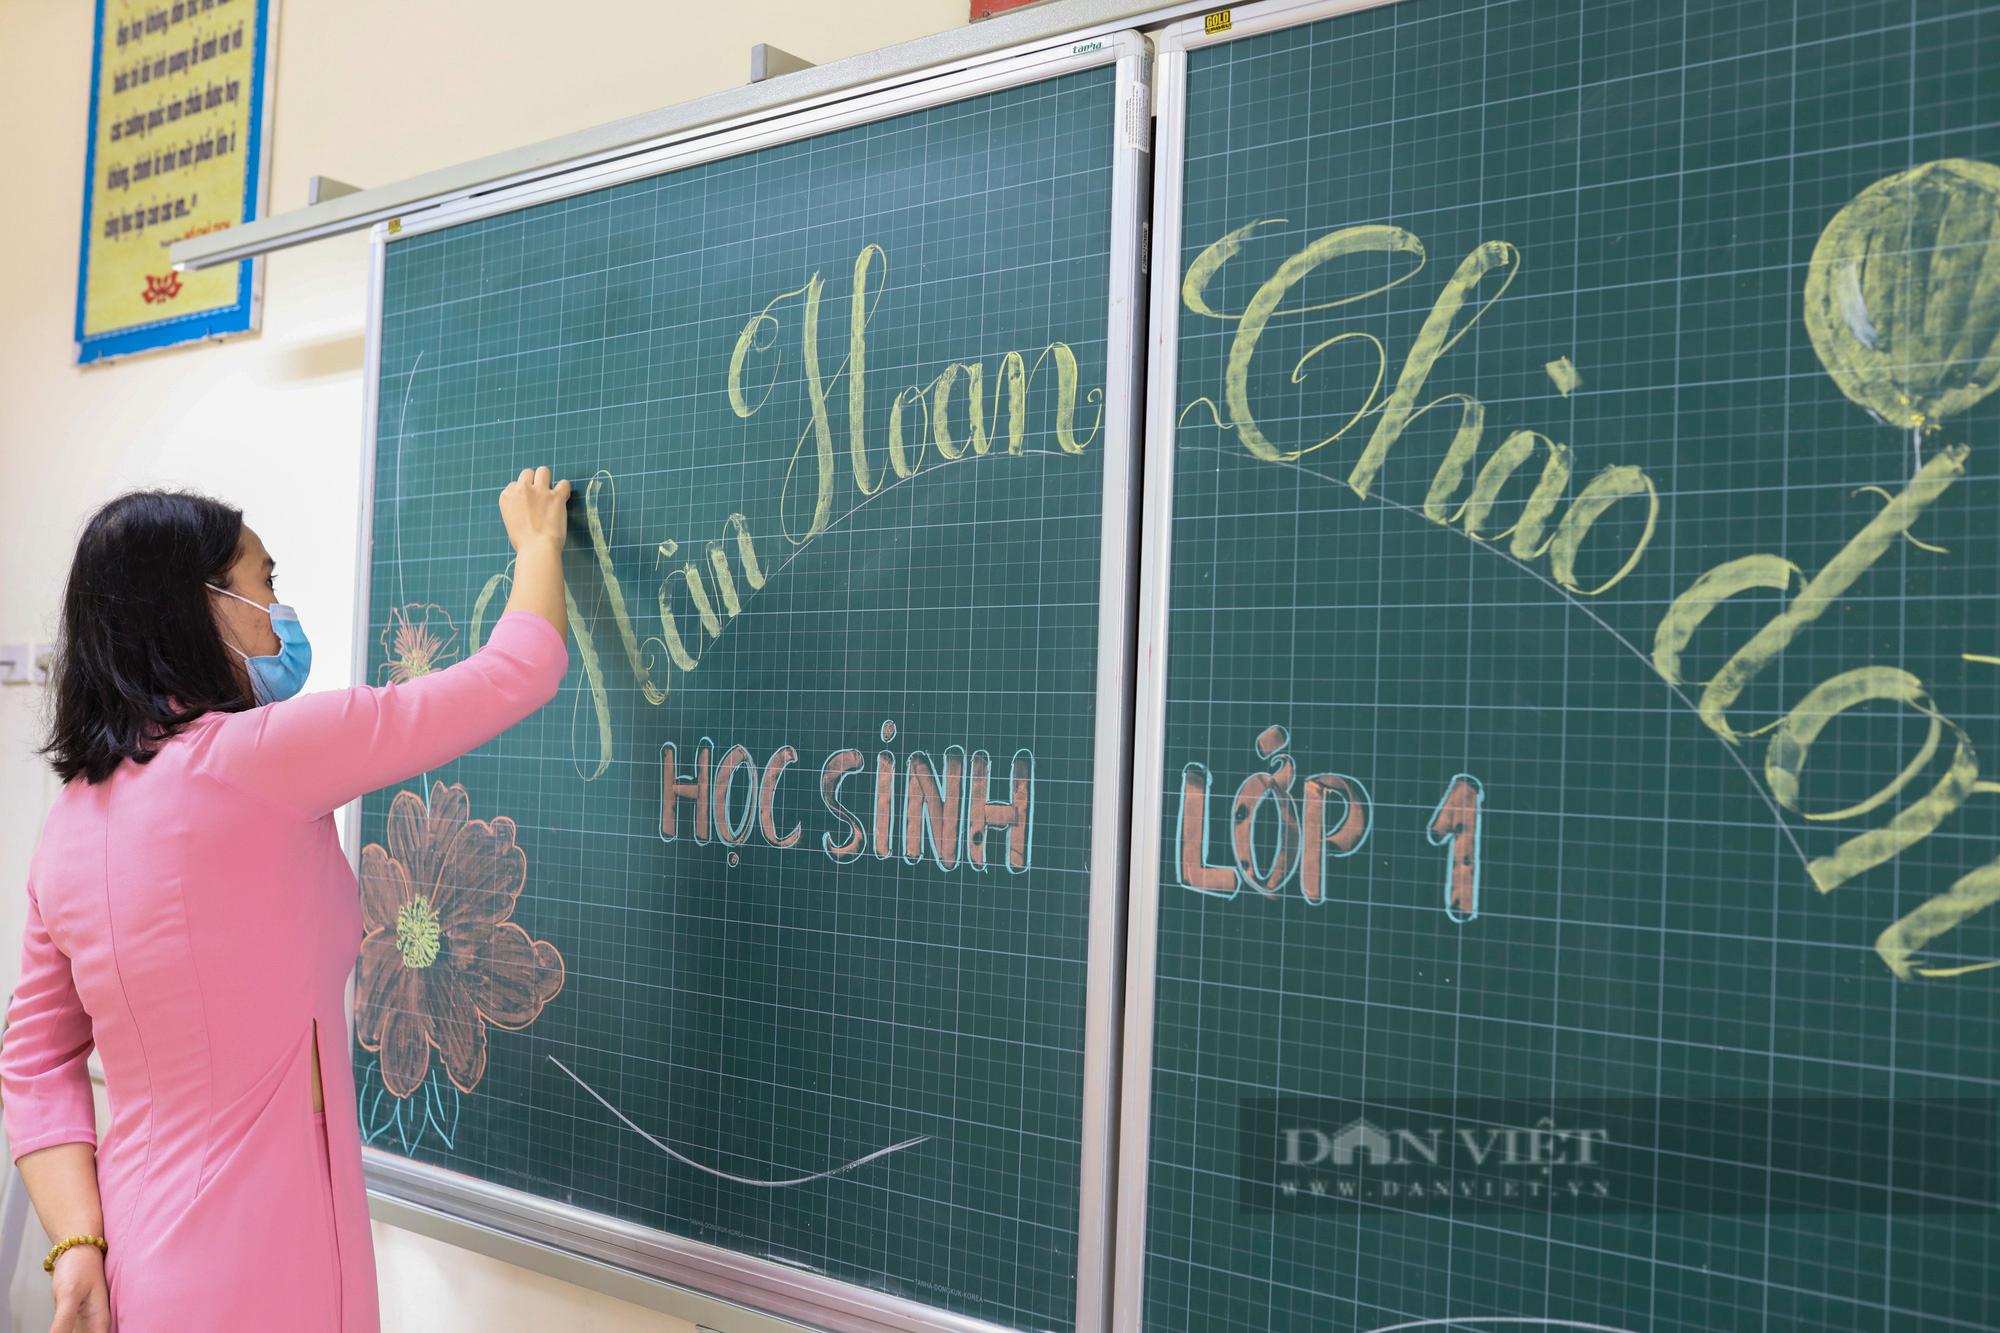 Hà Nội: Gấp rút chuẩn bị cho Lễ khai giảng online đặc biệt của Thủ đô - Ảnh 15.